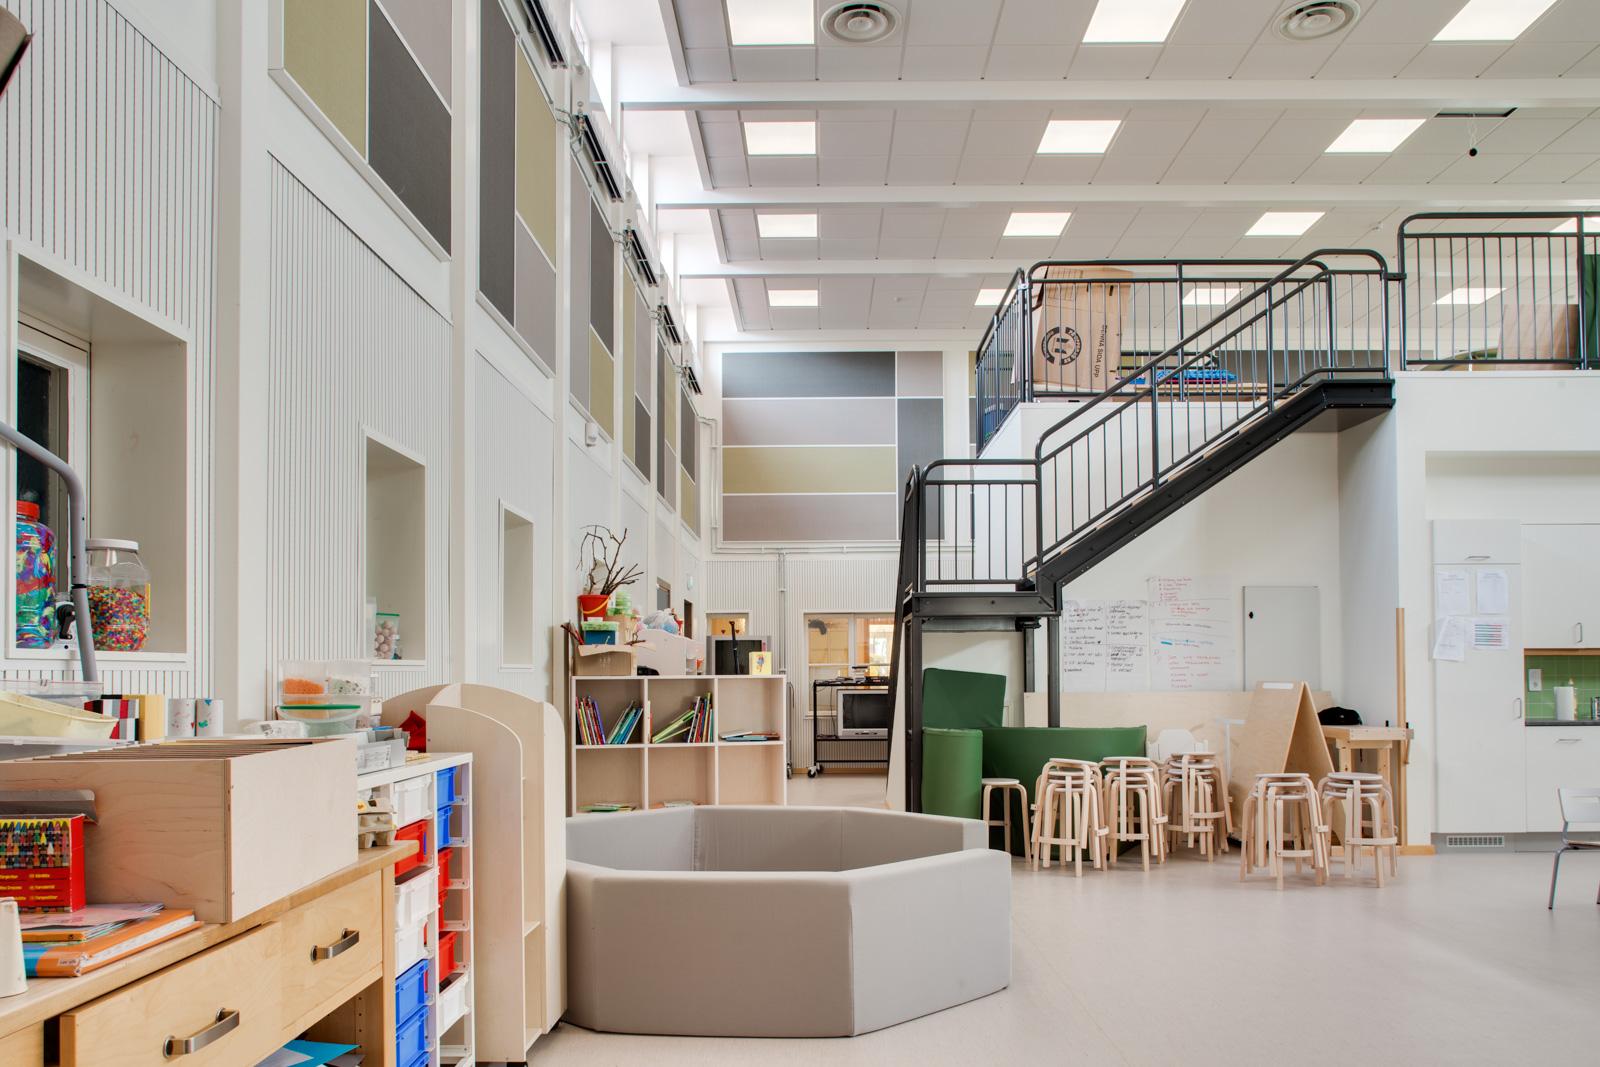 Södertorpsförskola, Malmö